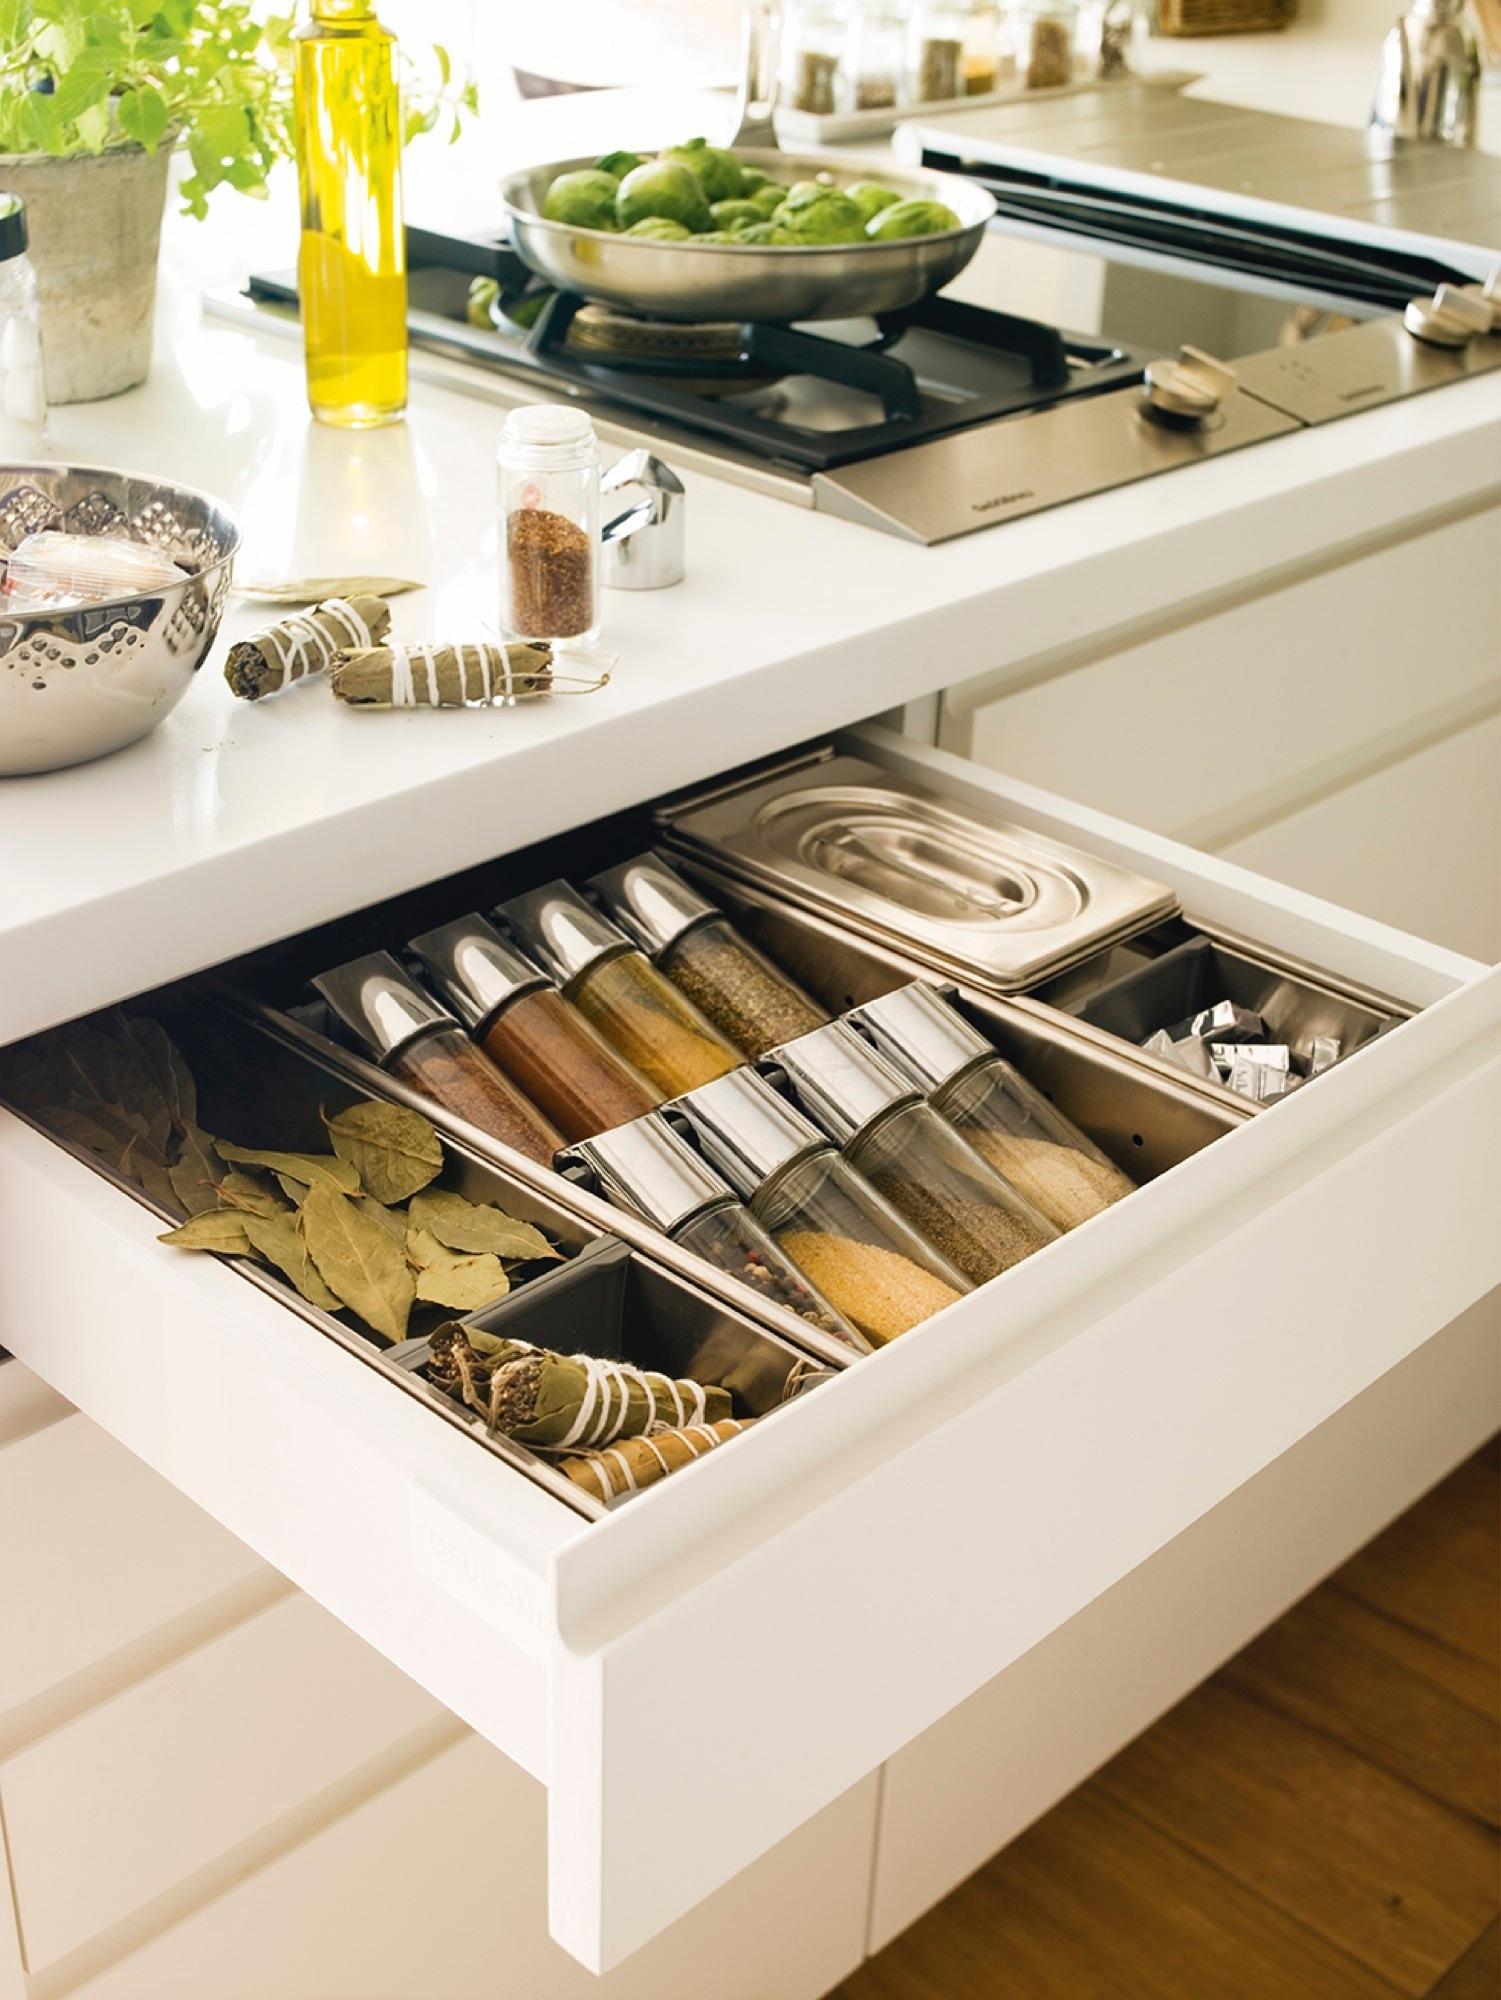 Orden en la cocina consejos y trucos para guardarlo todo - Orden en la cocina ...